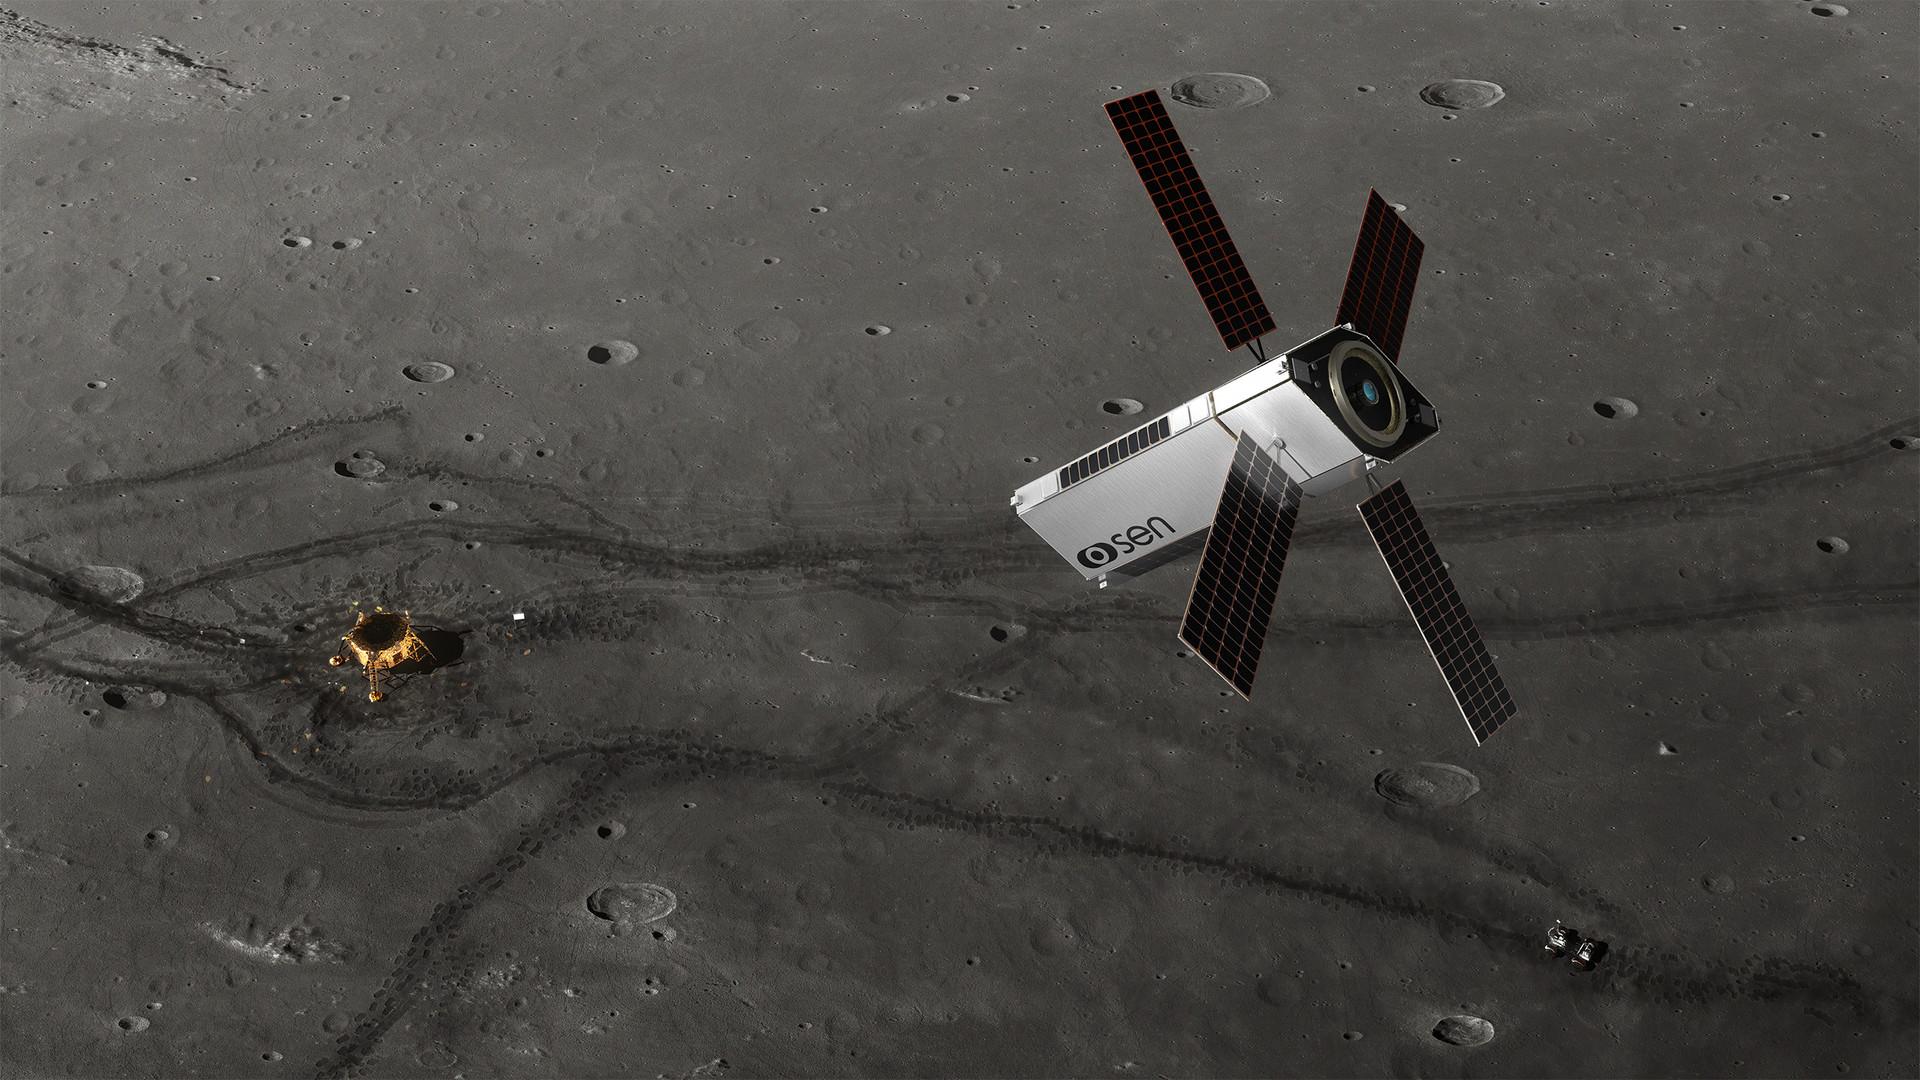 Mac rebisz moon explorer 001